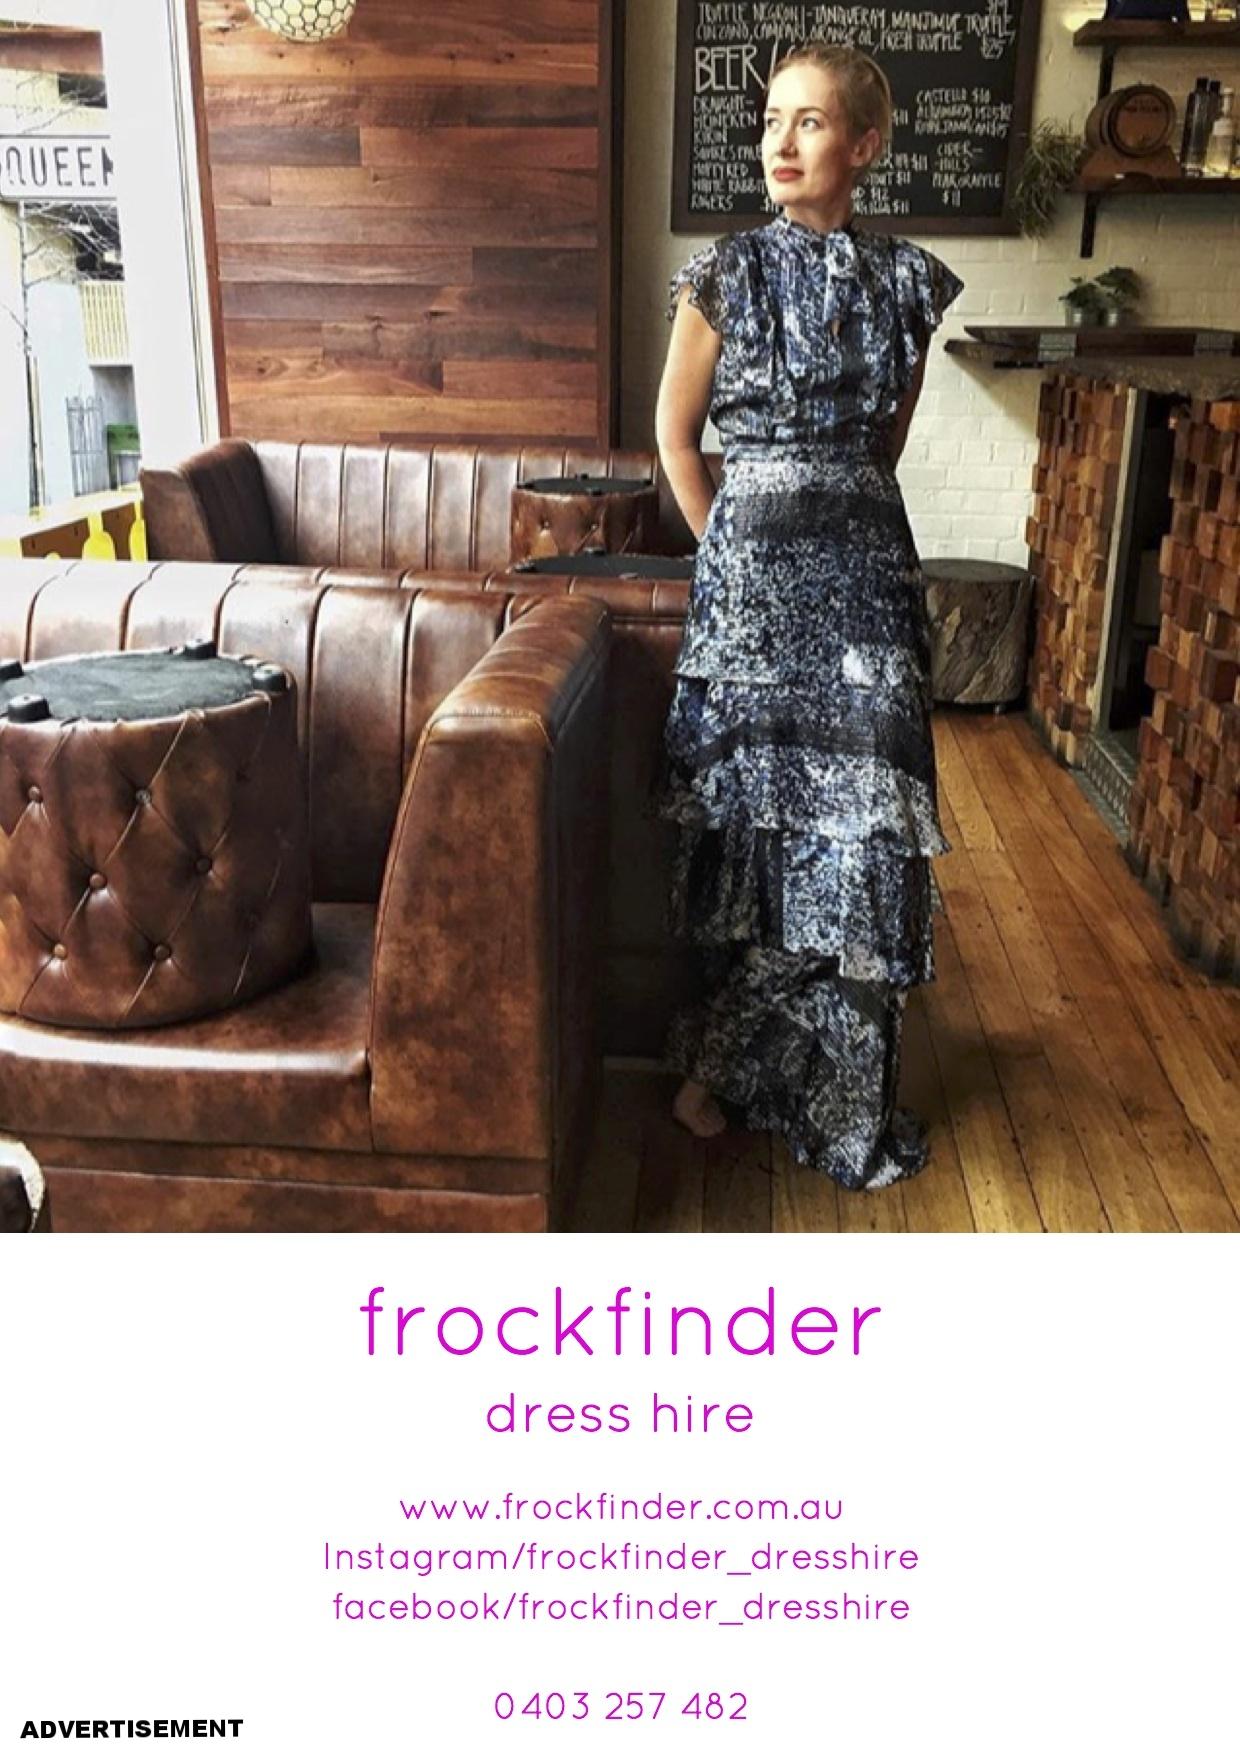 frockfinder(5).jpg